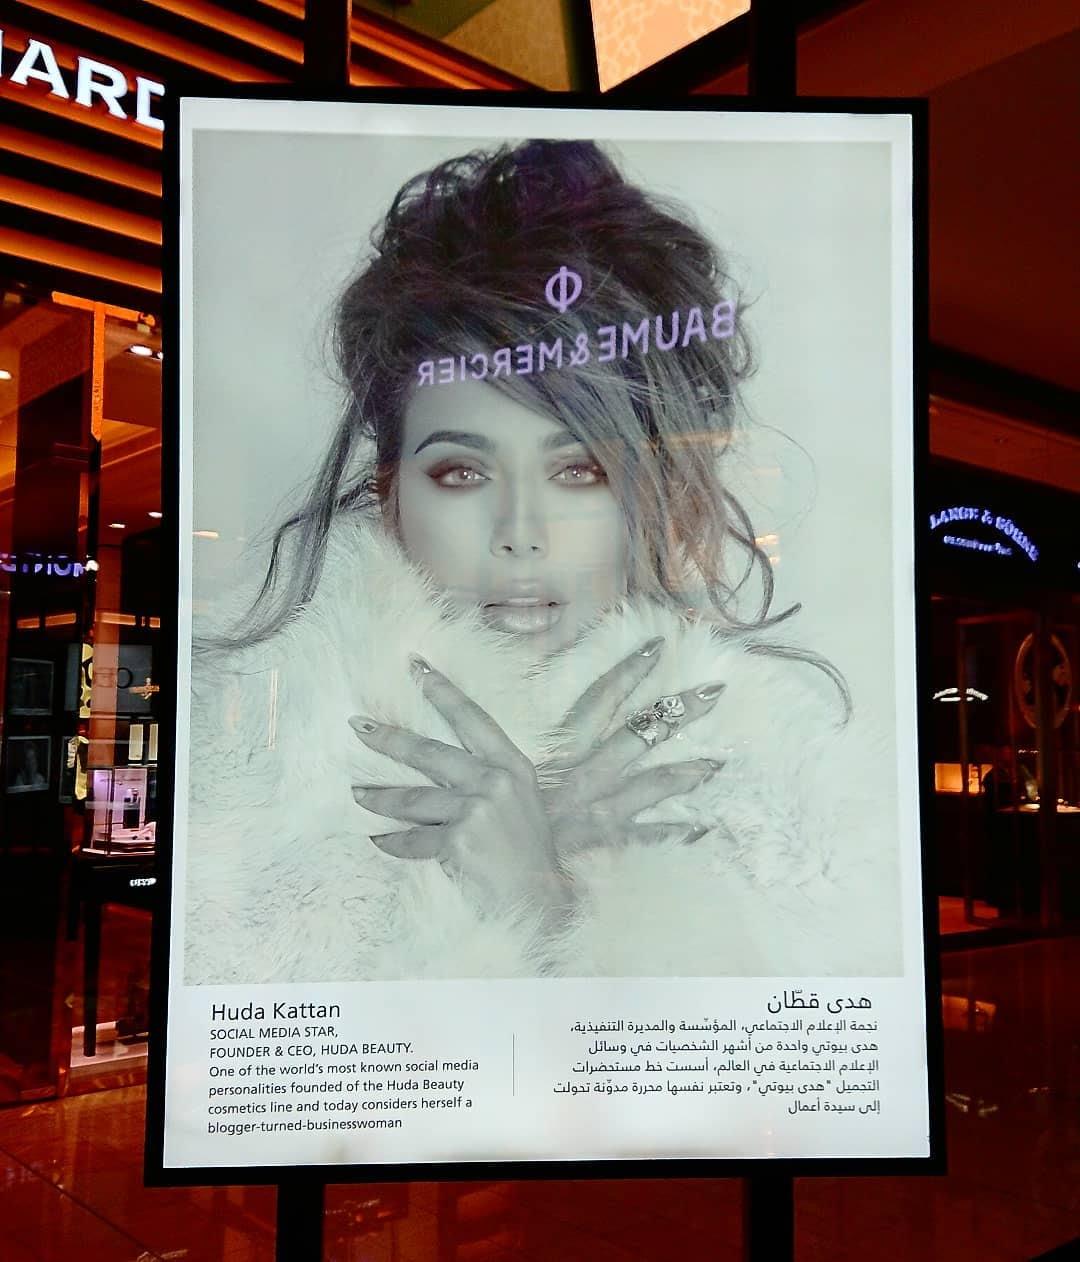 新しい中東女性像を祝したドバイの国際女性デー